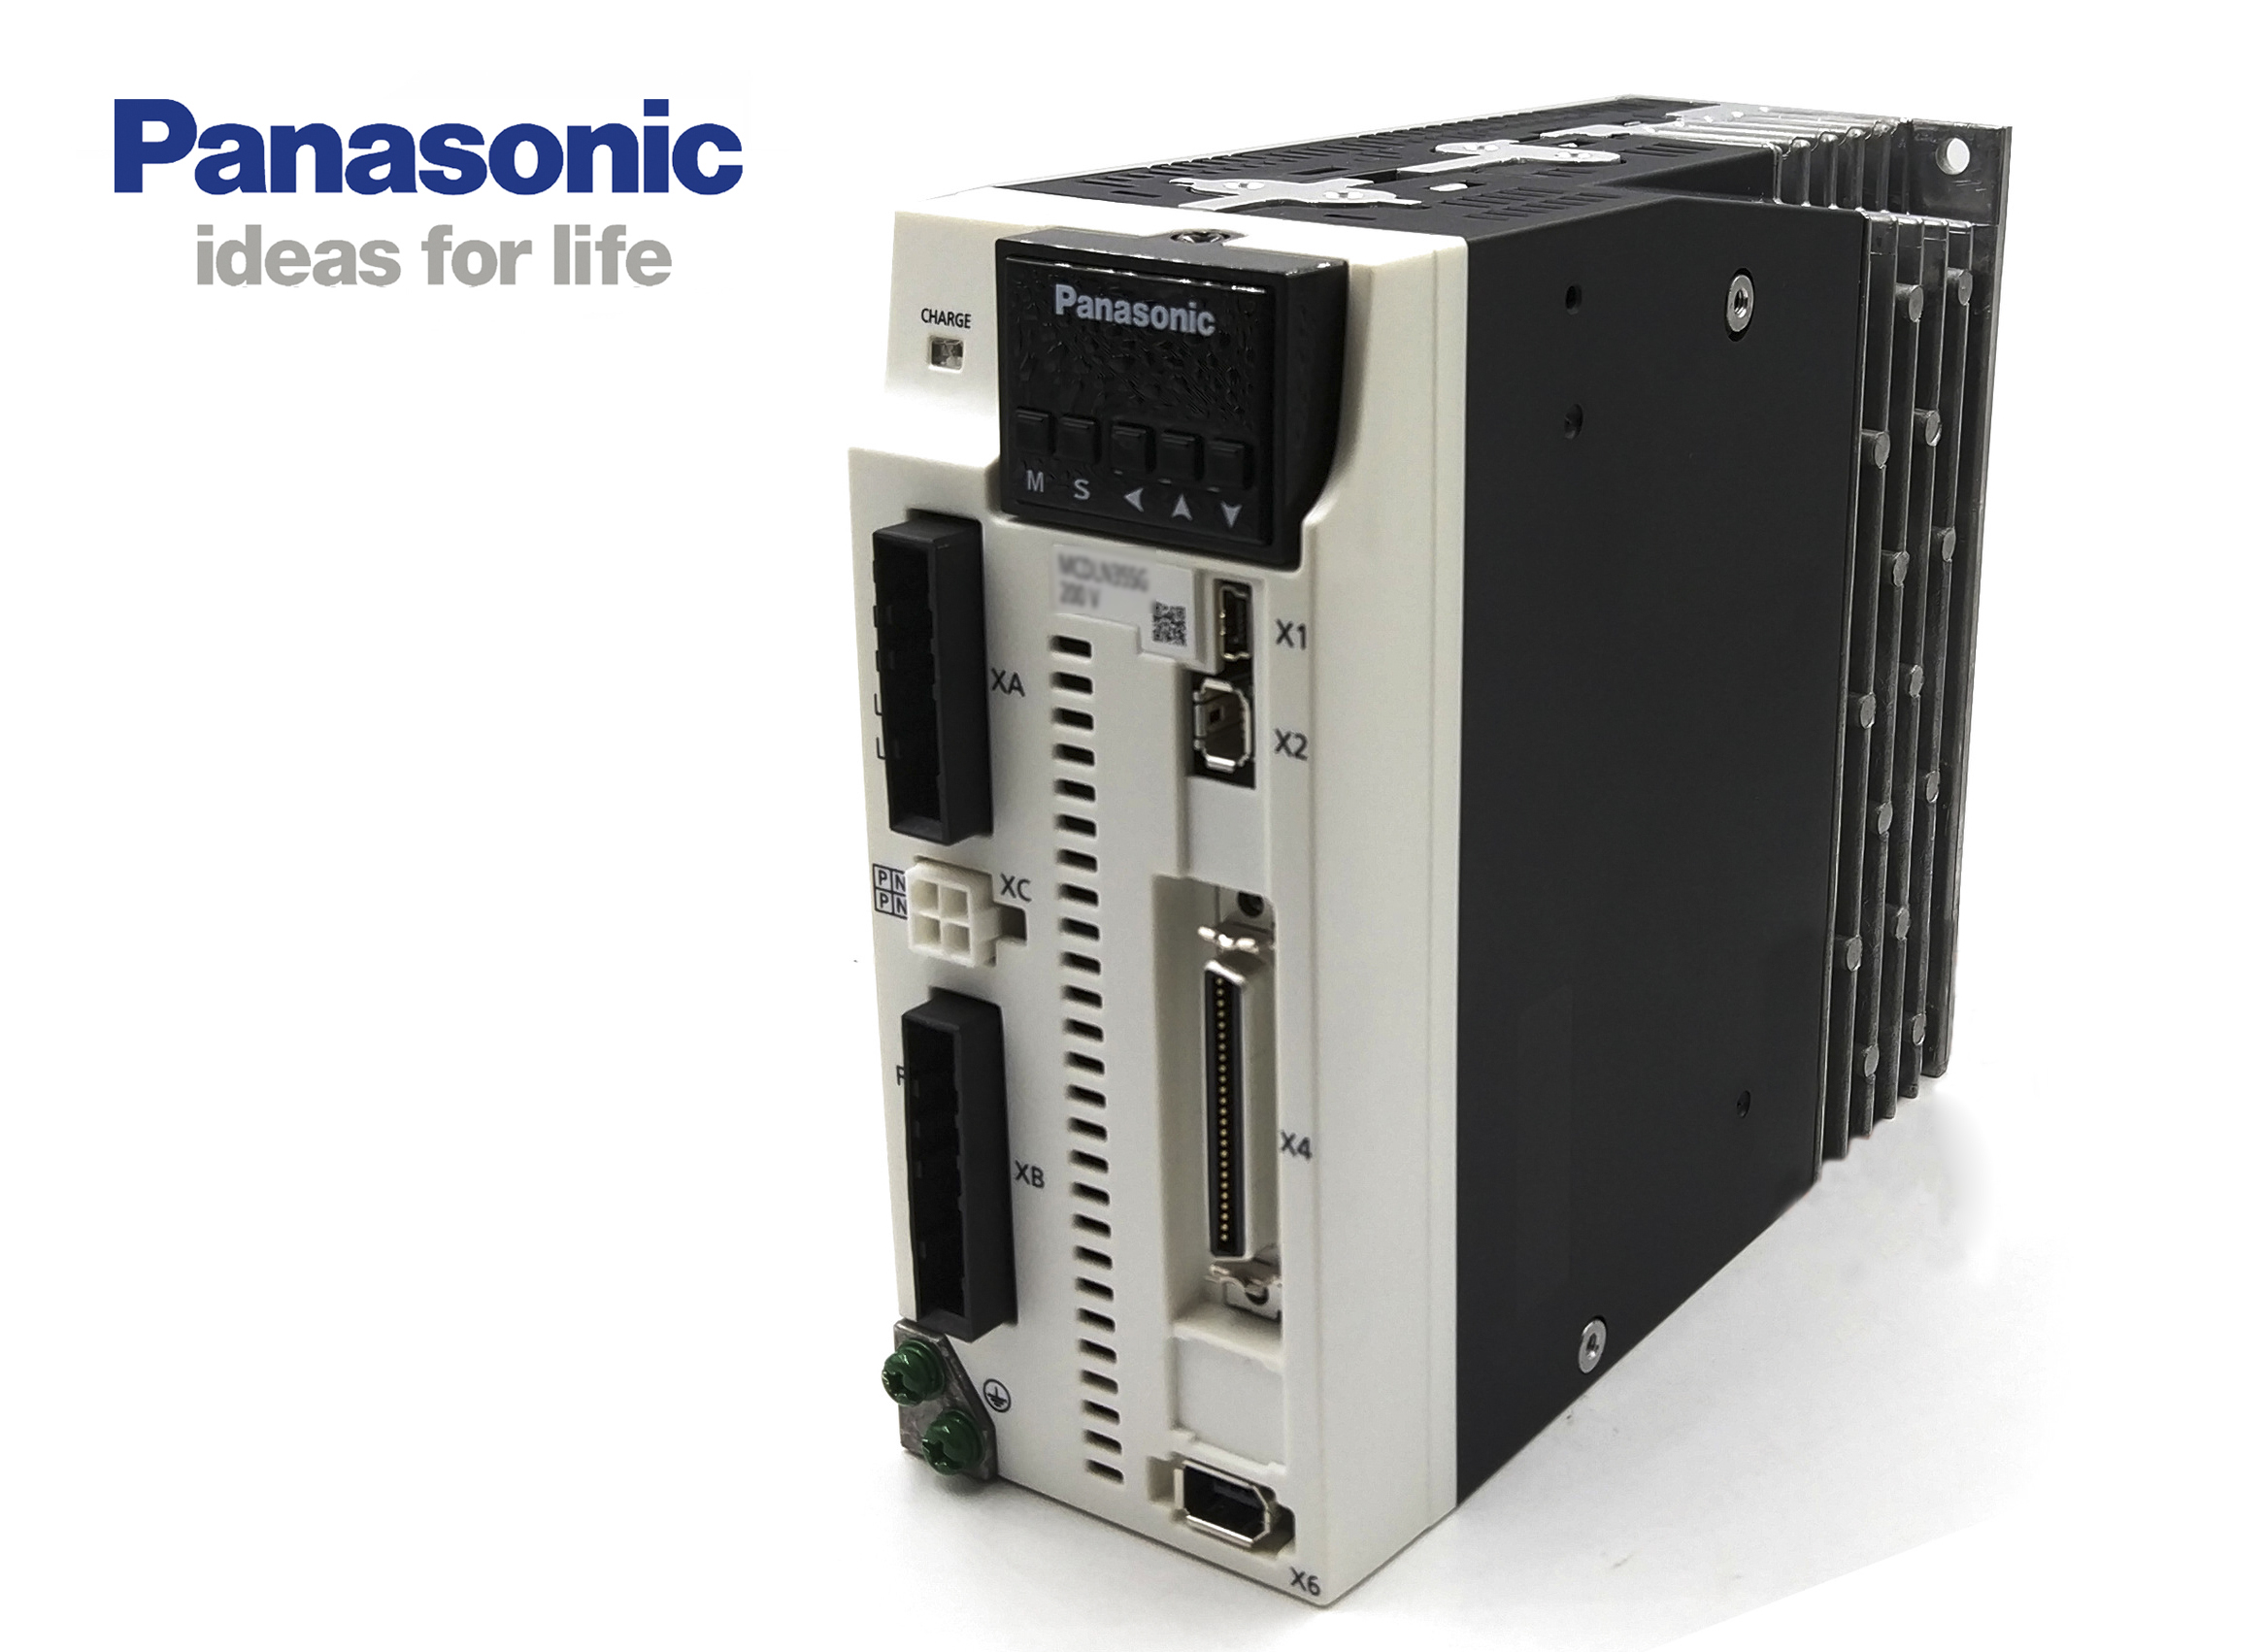 松下A6 MCDLN35SE伺服放大器 30A、(通用型)脉冲型专用